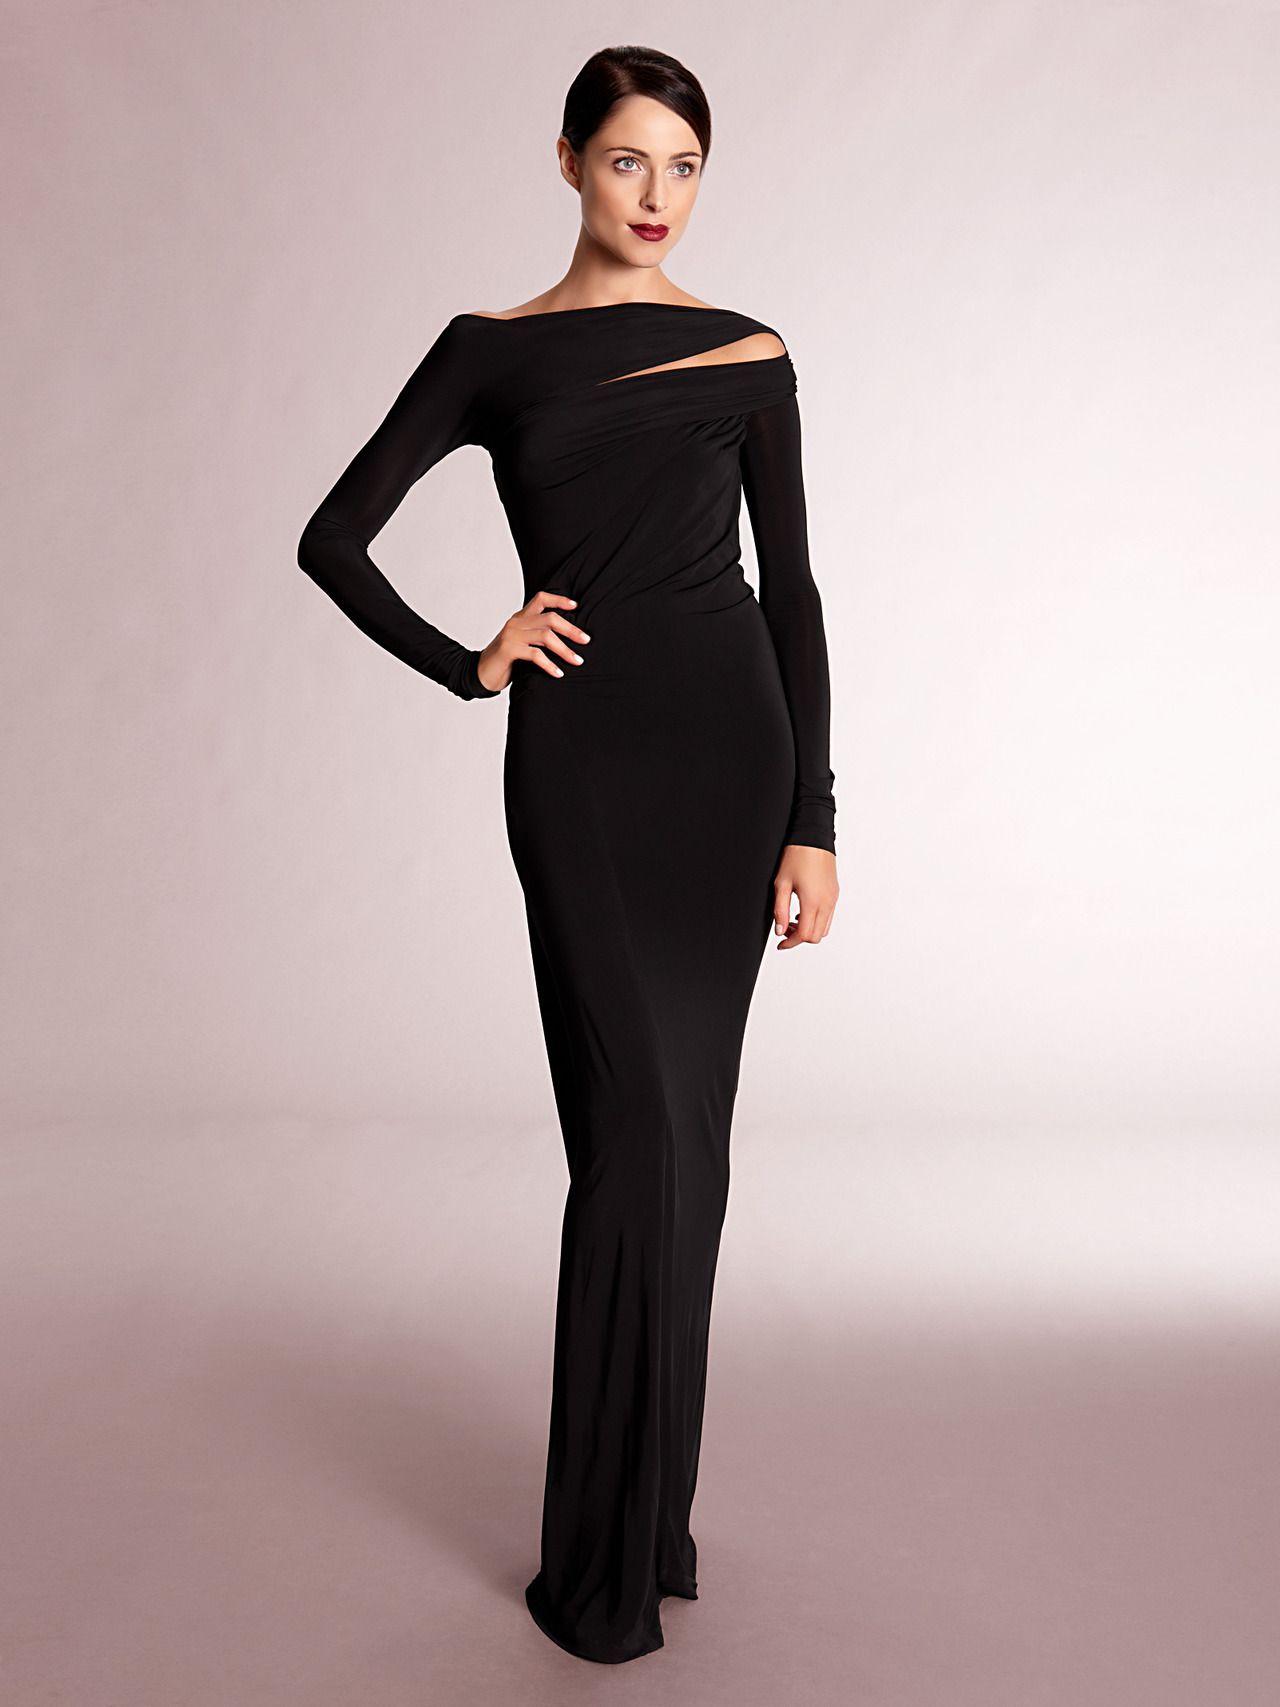 Designer donna karan ny see details here long sleeve slash neck